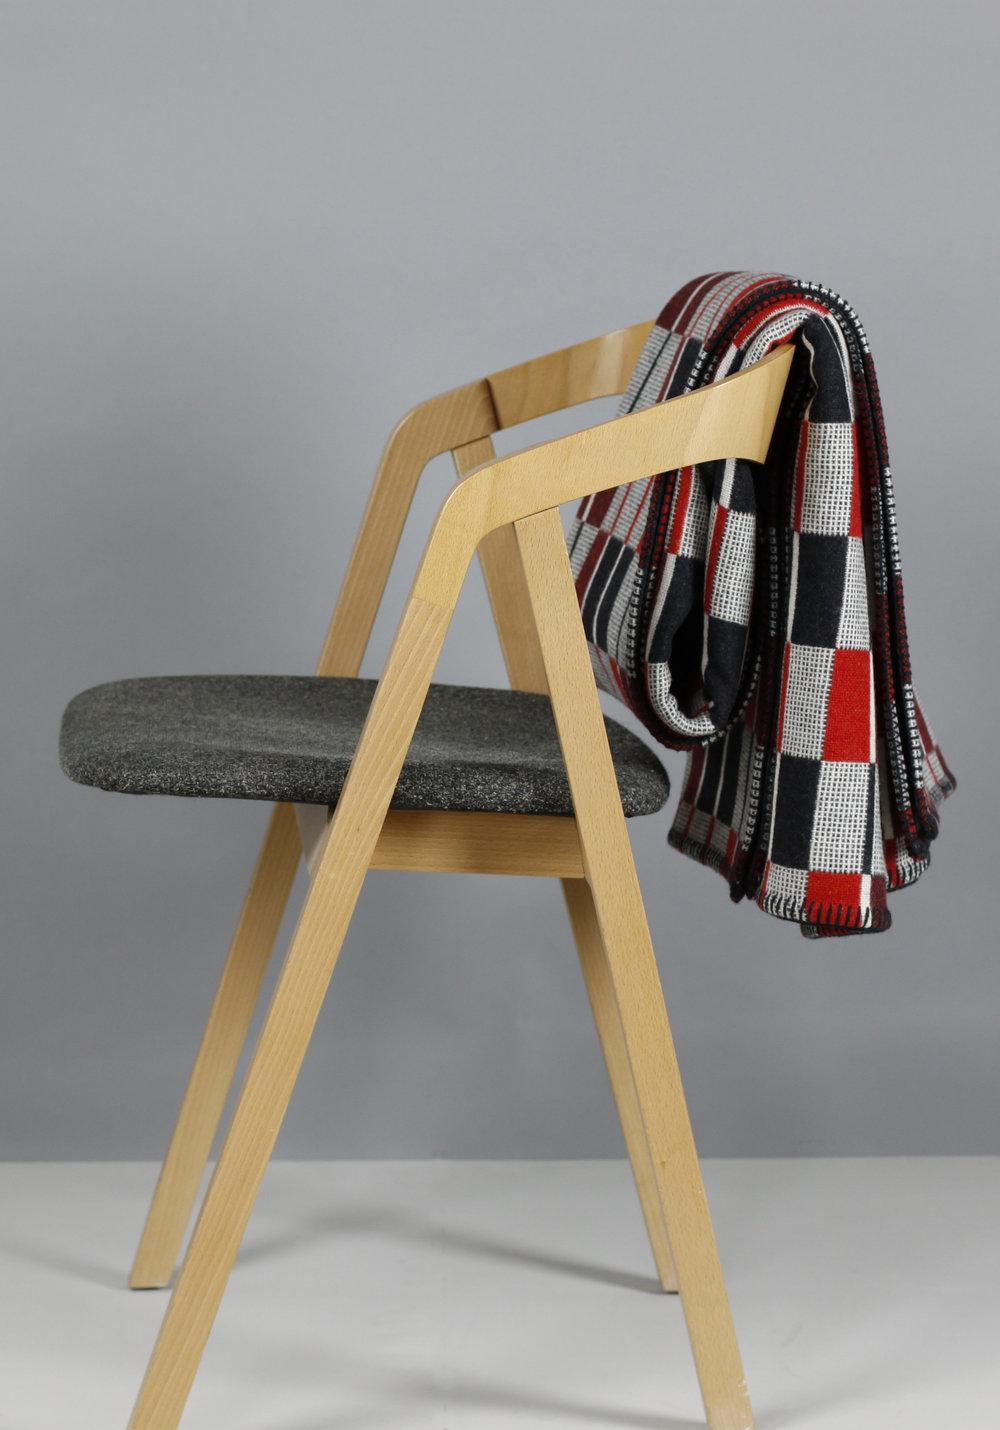 azumi chair 1 - crop.jpg